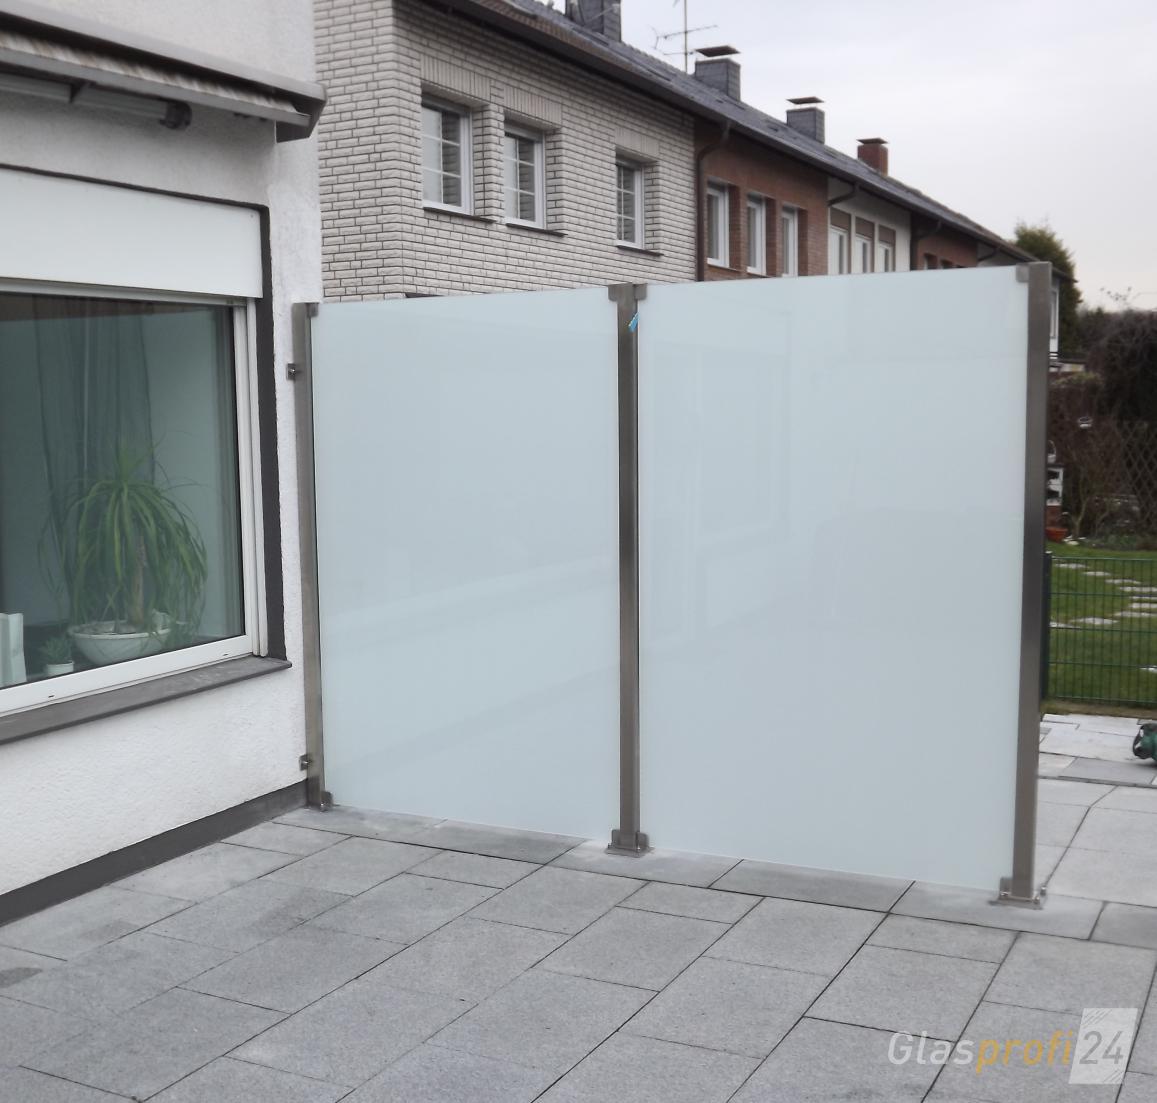 Glaszaun für Wind und Sichtschutz